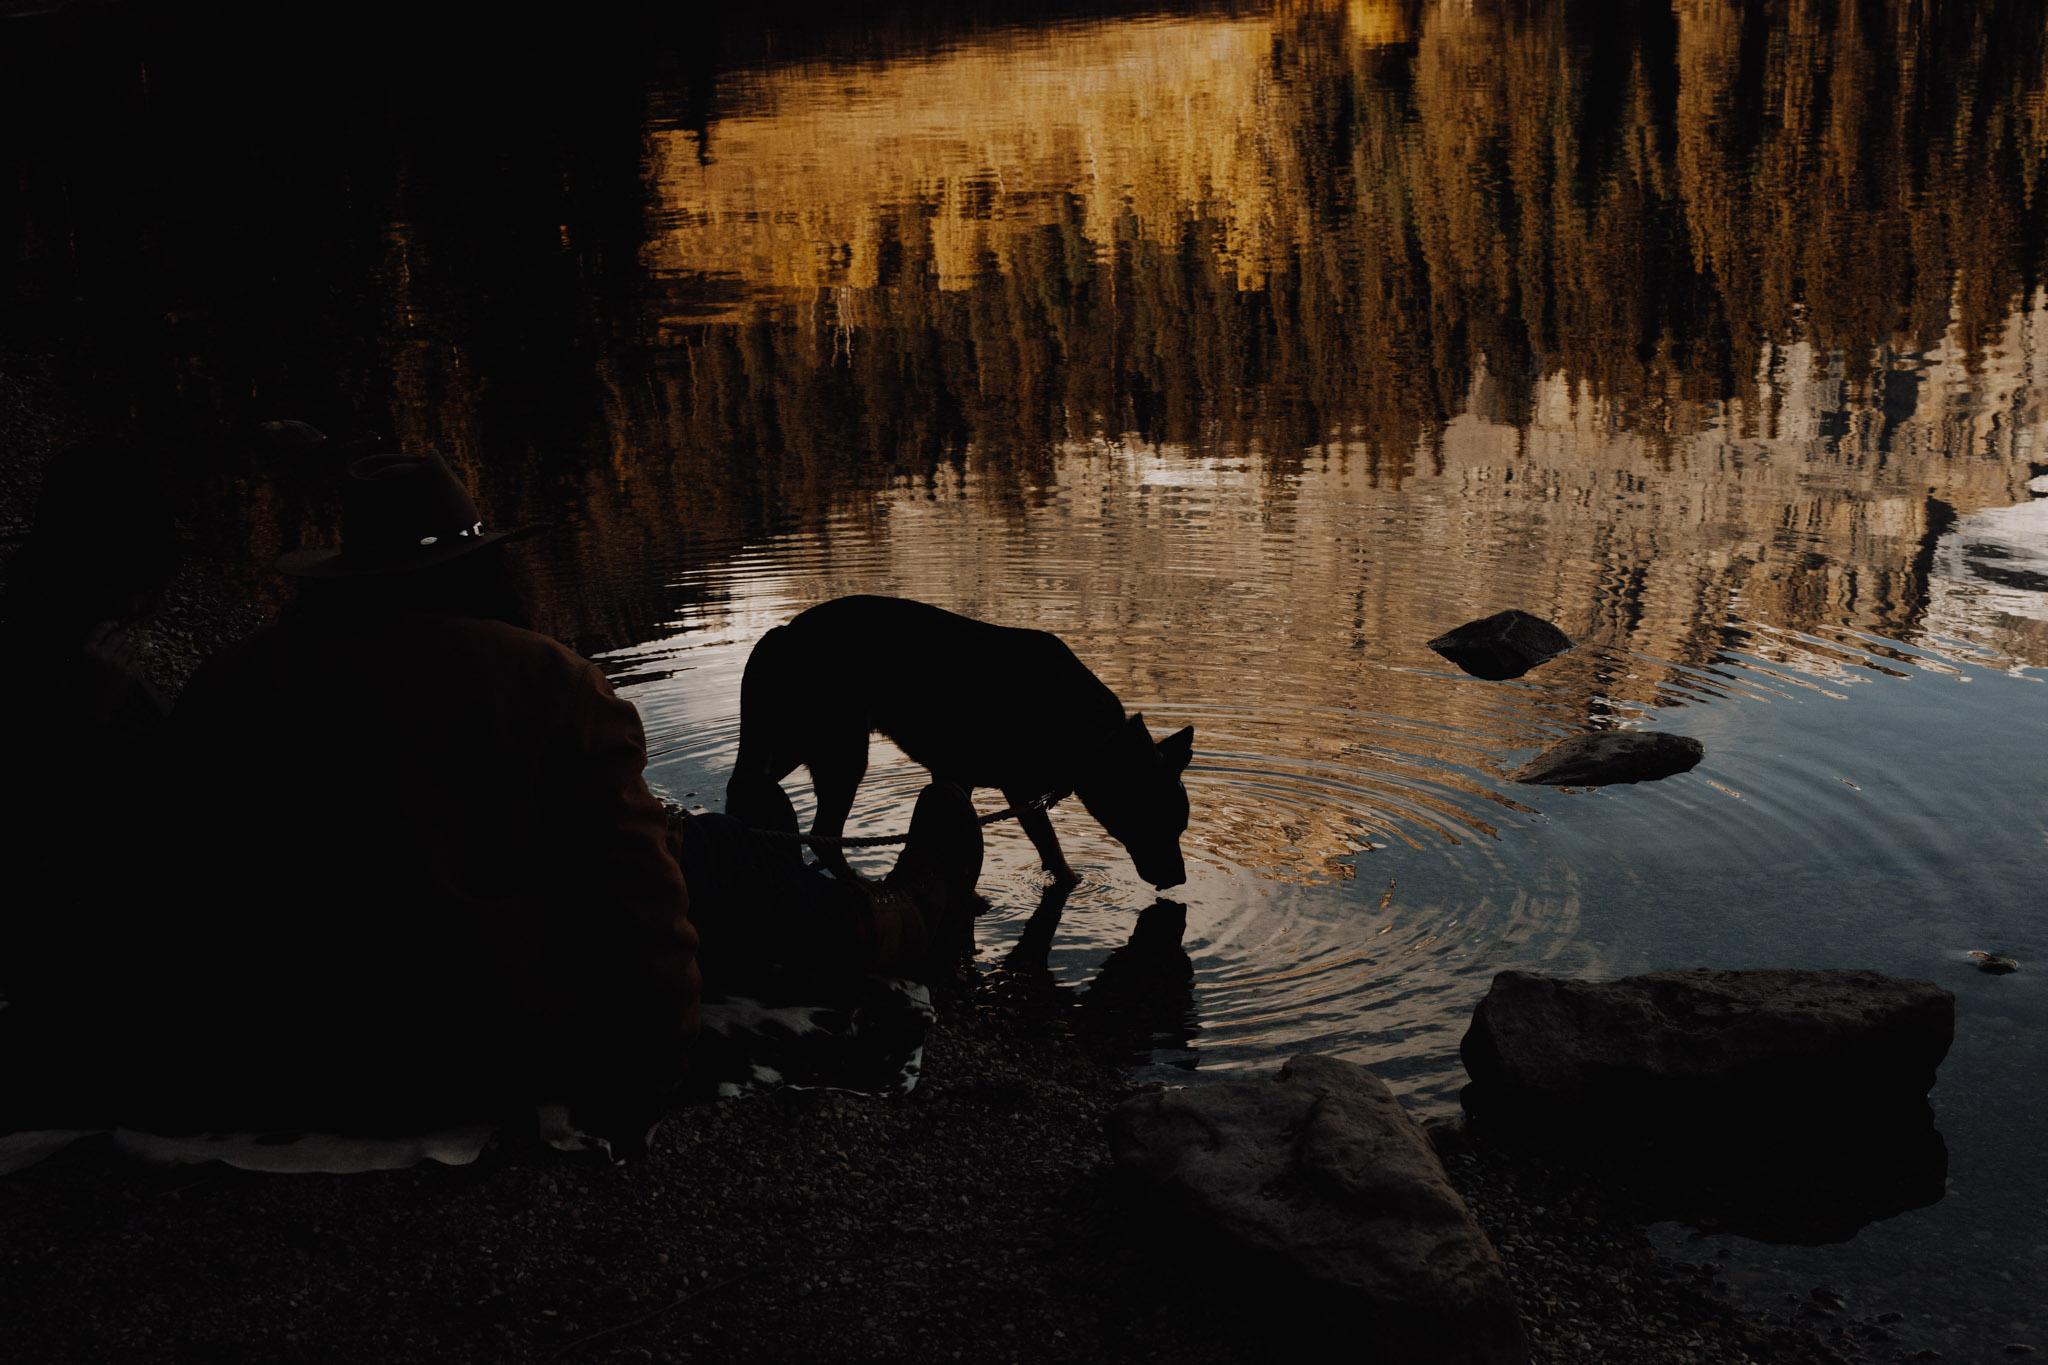 Emerald Lake - dog silhouette in lake